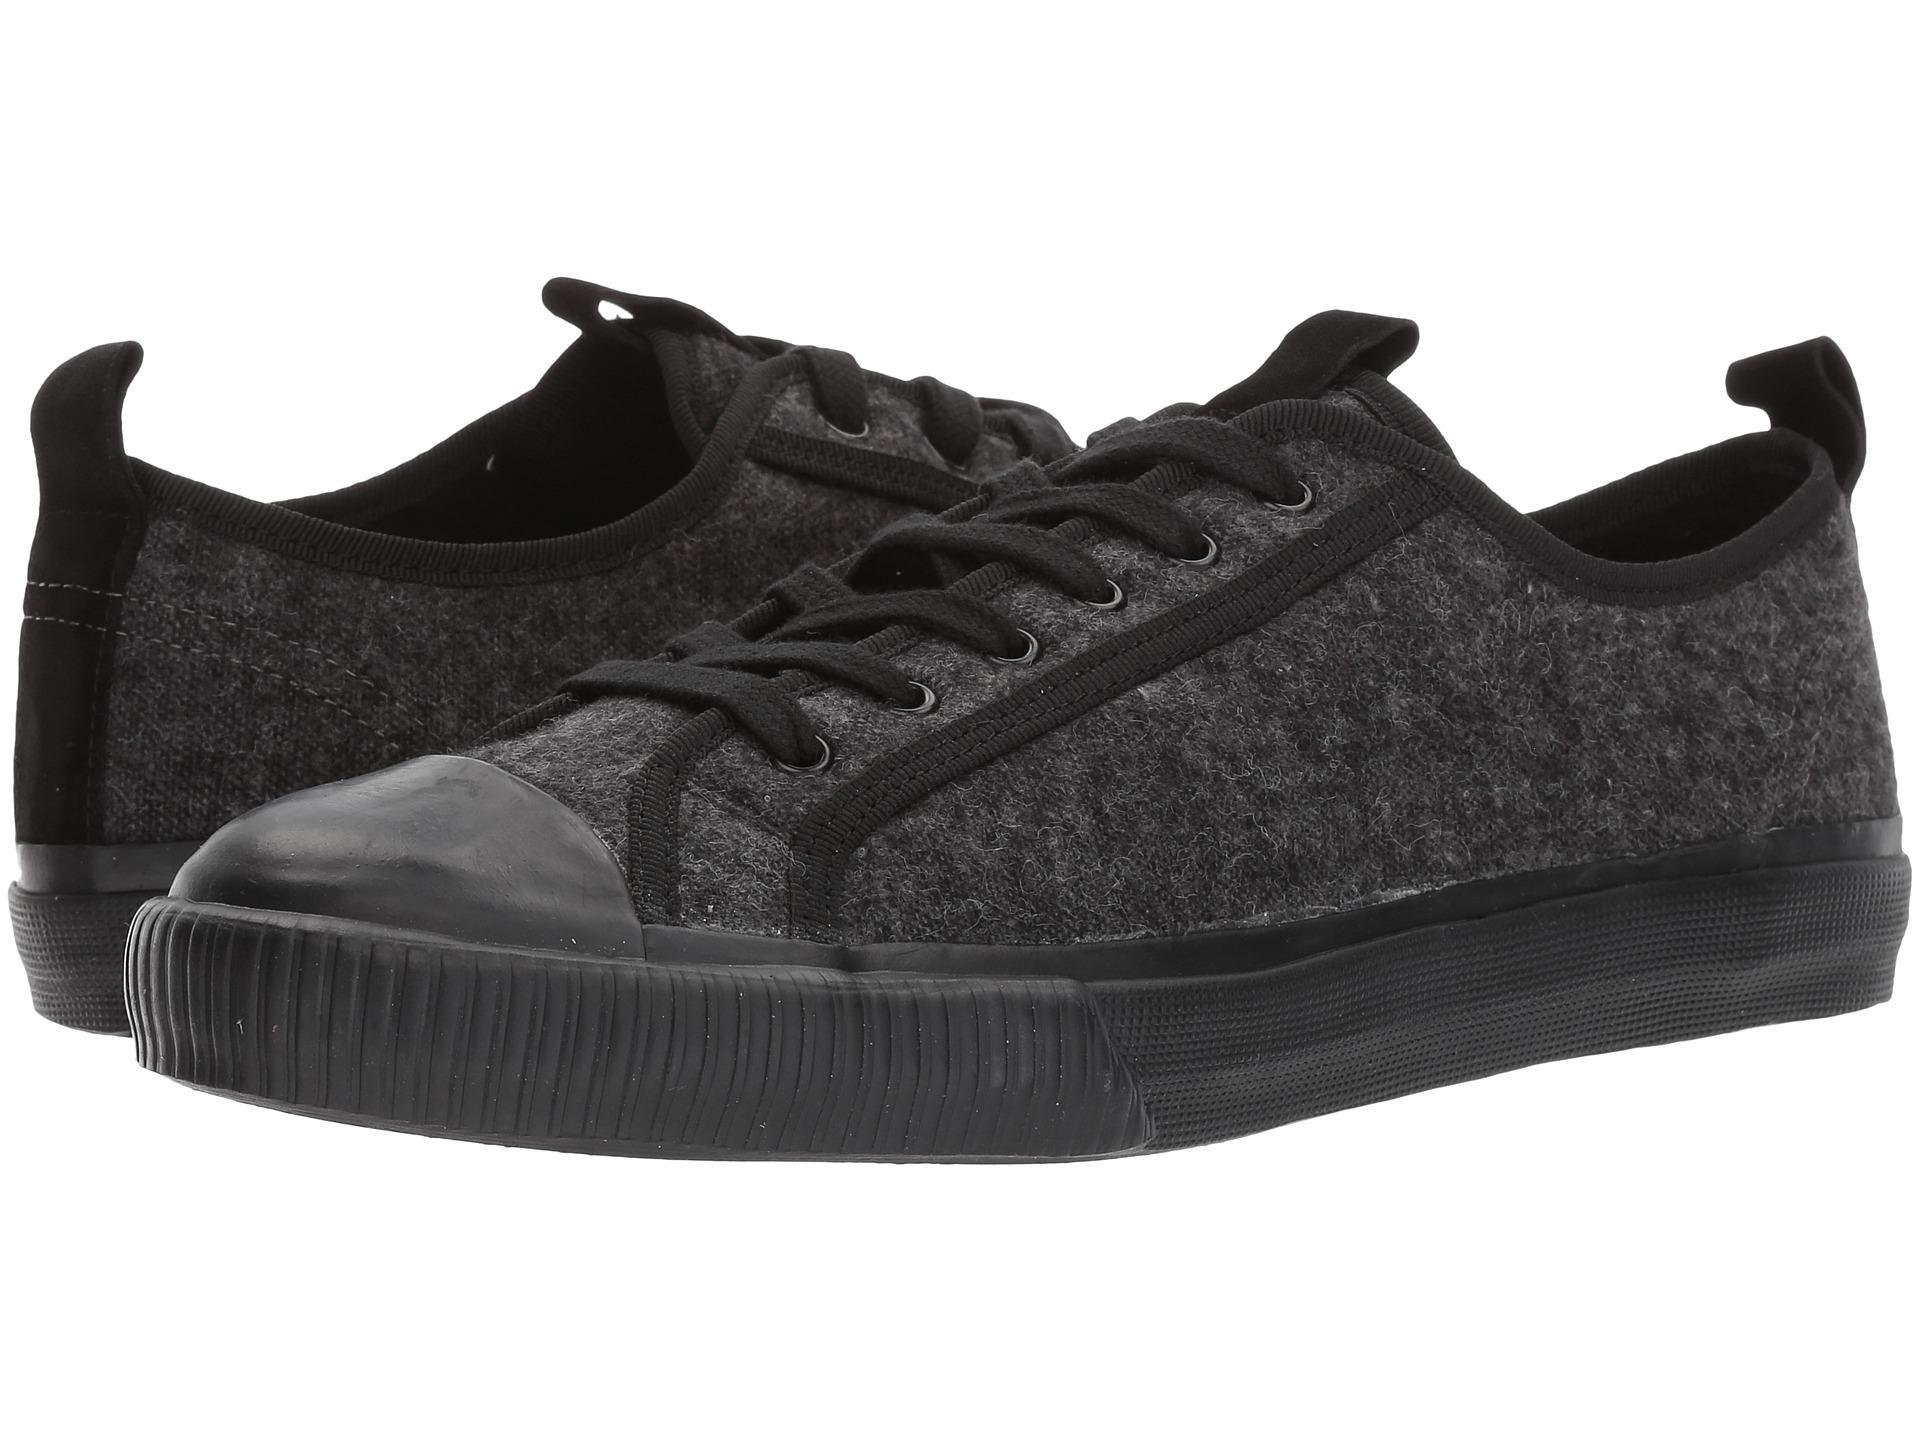 Felt Low Top Sneaker Grenson yty4M